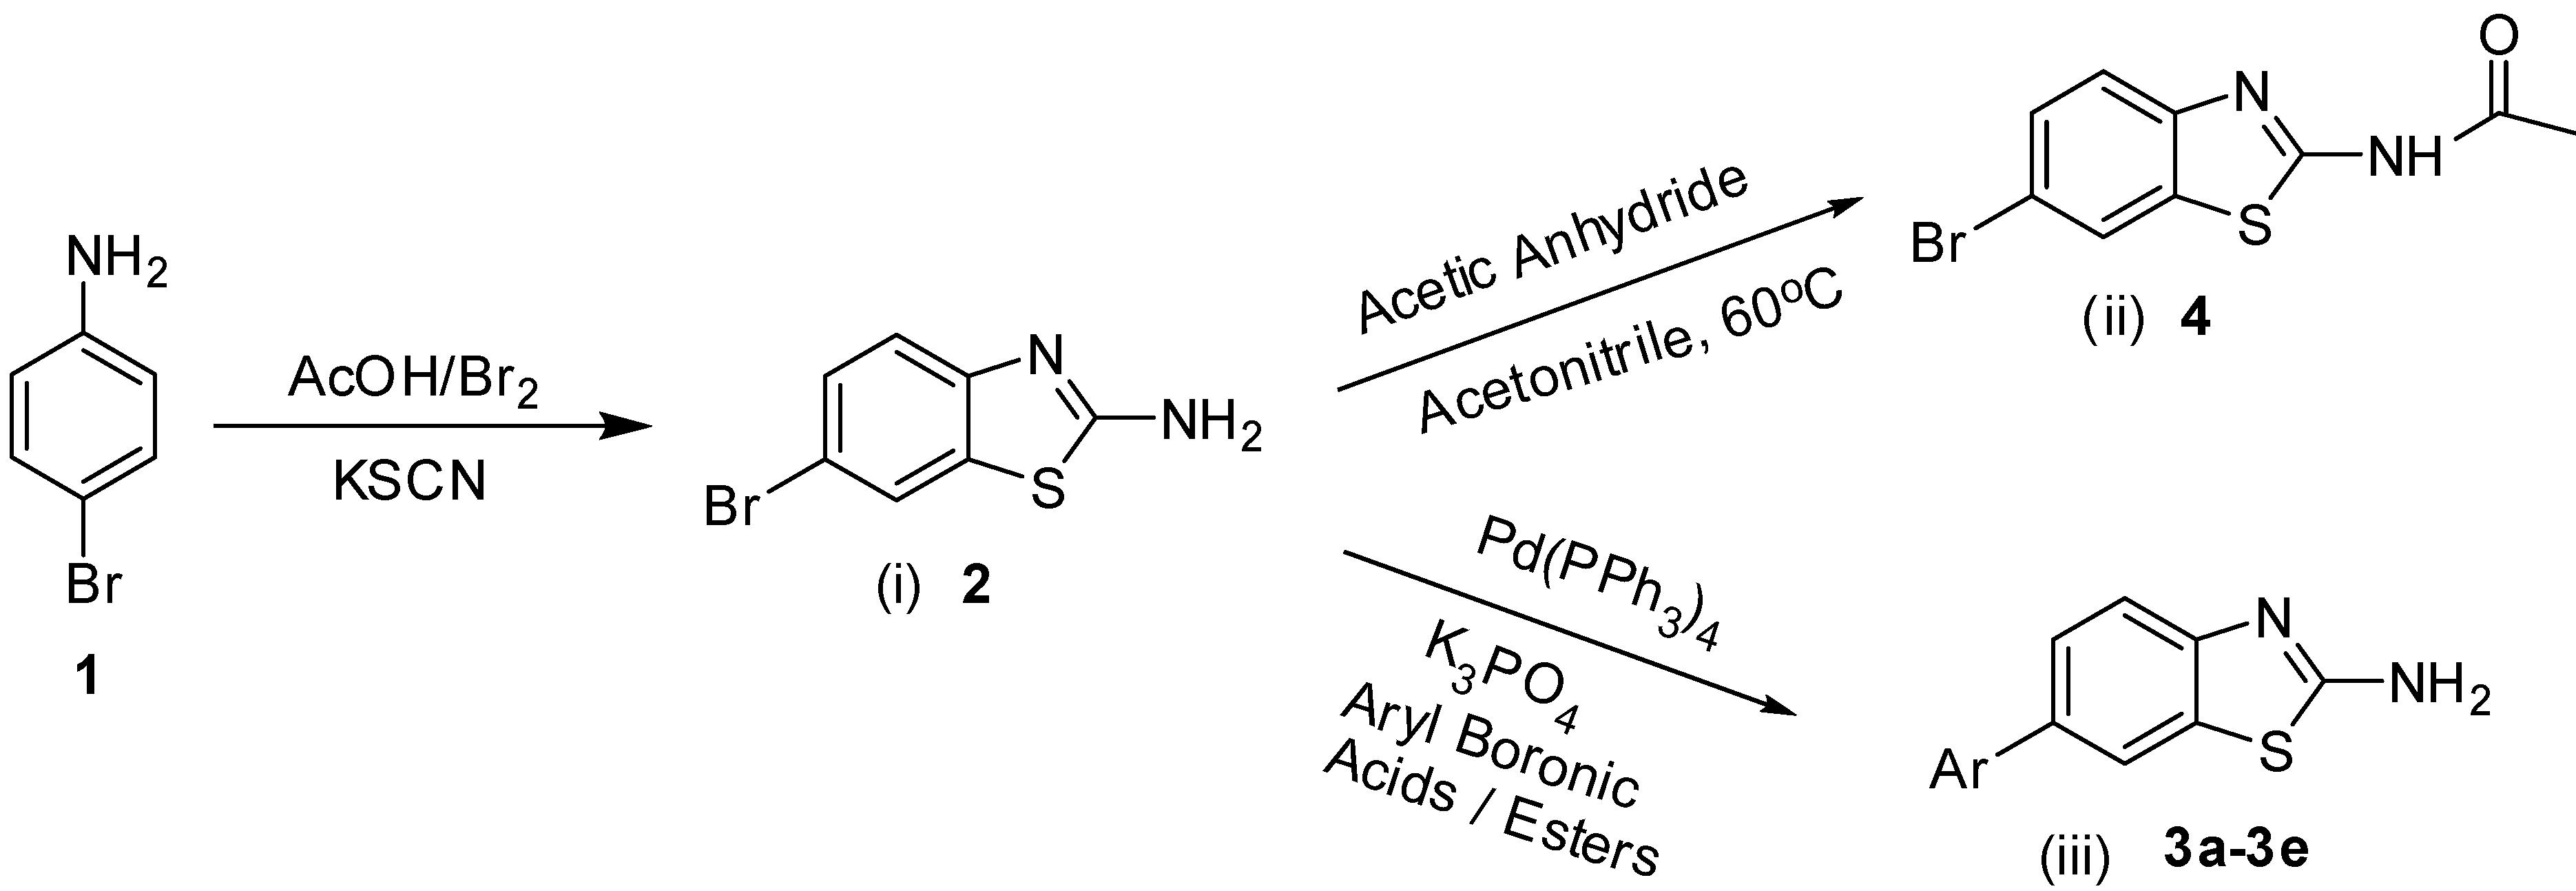 Suzuki Reaction Drug Synthesis